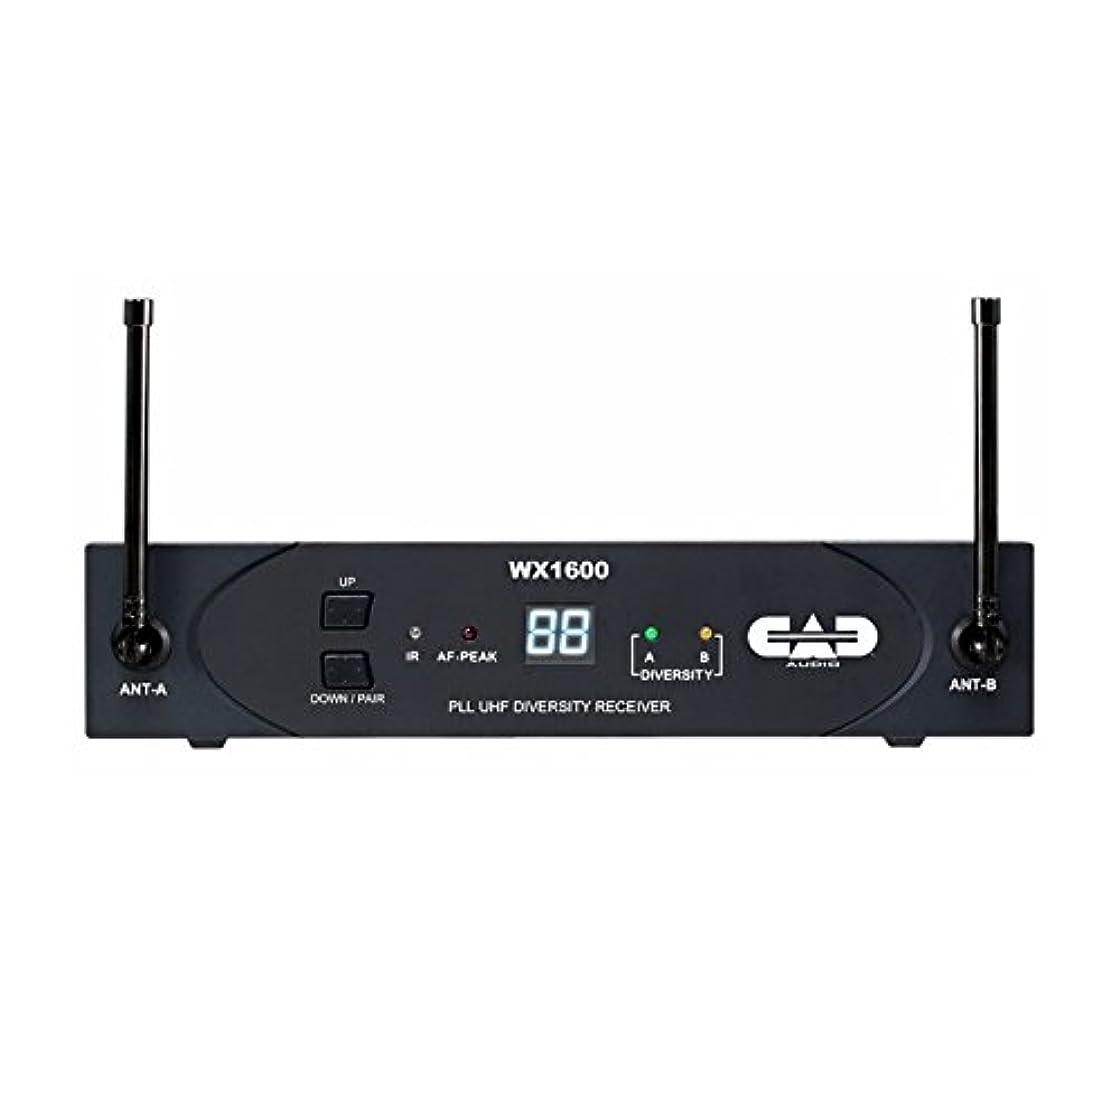 困惑公爵上院議員CAD Audio rx1600 F |ワイヤレスBodypack受信機